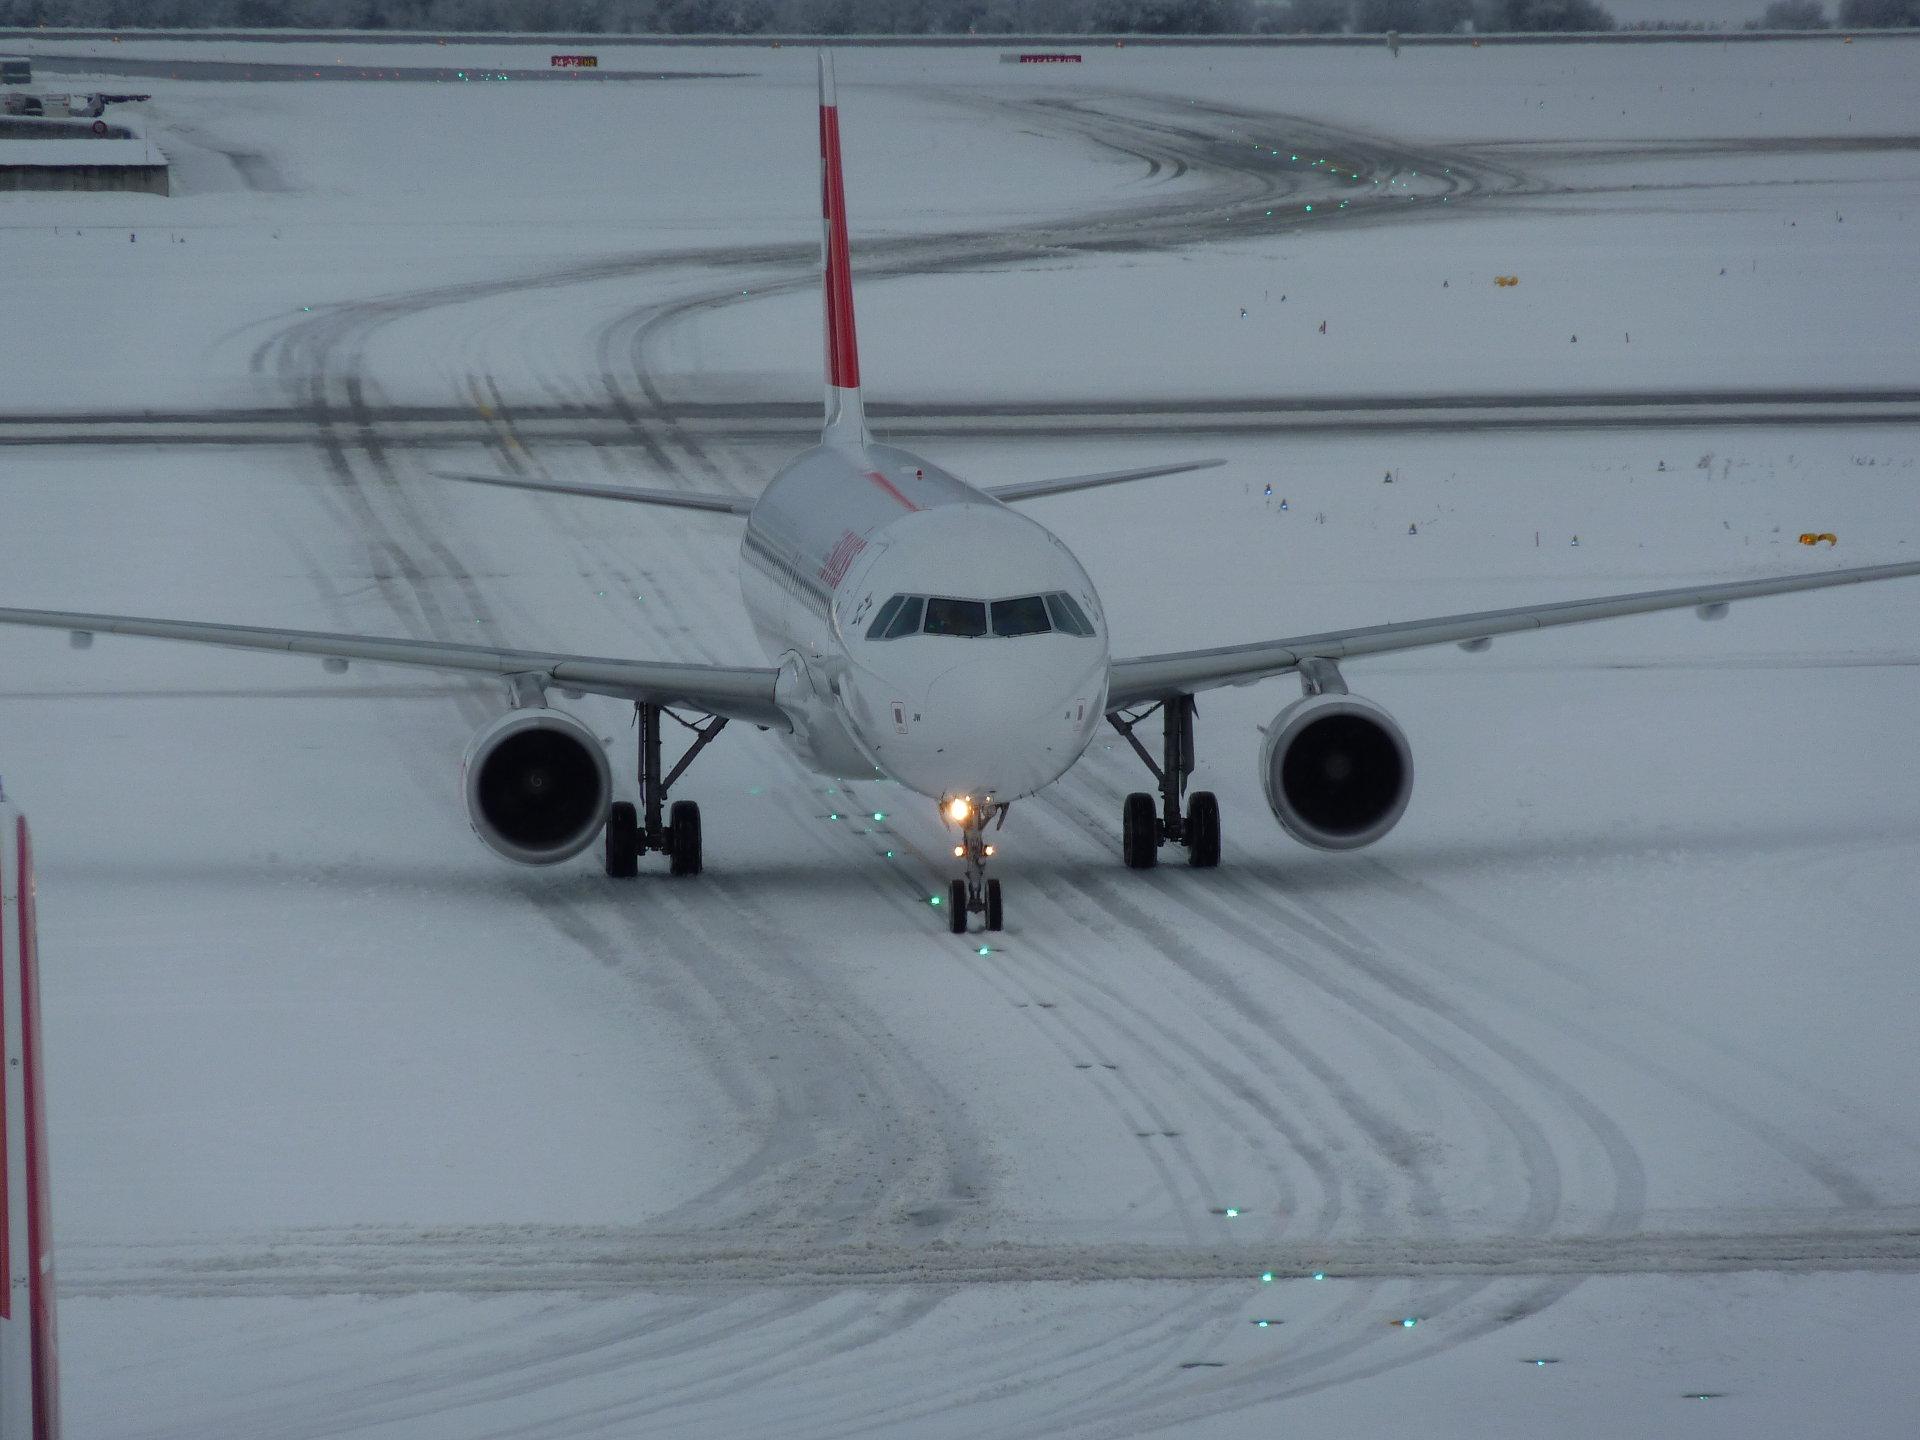 Image ©2010 Flughafen Zürich